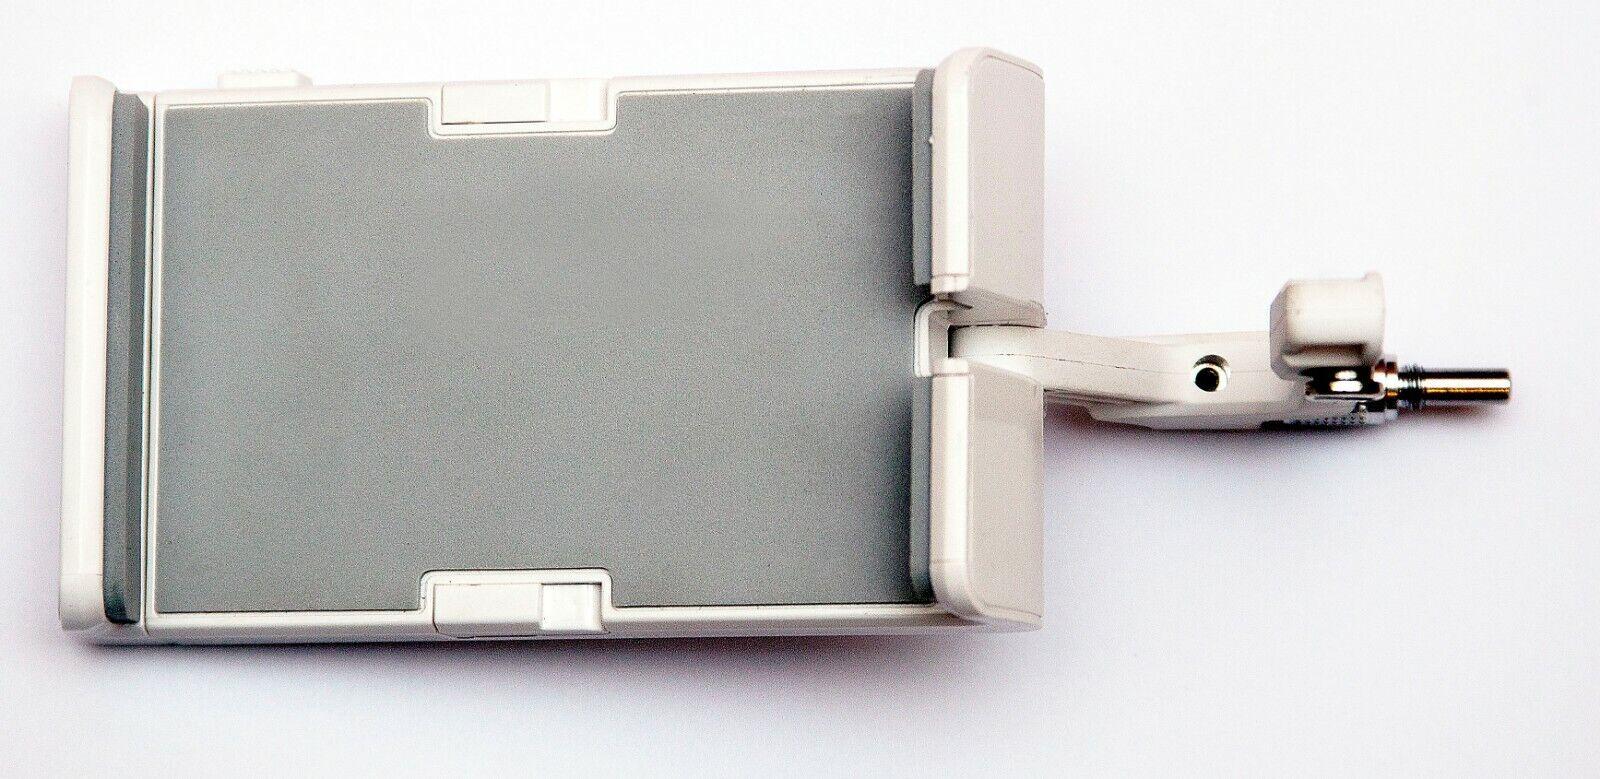 Genuine DJI Phantom 3 Part 38 Mobile Device Holder For DJI Phantom 3 Pro/Adv